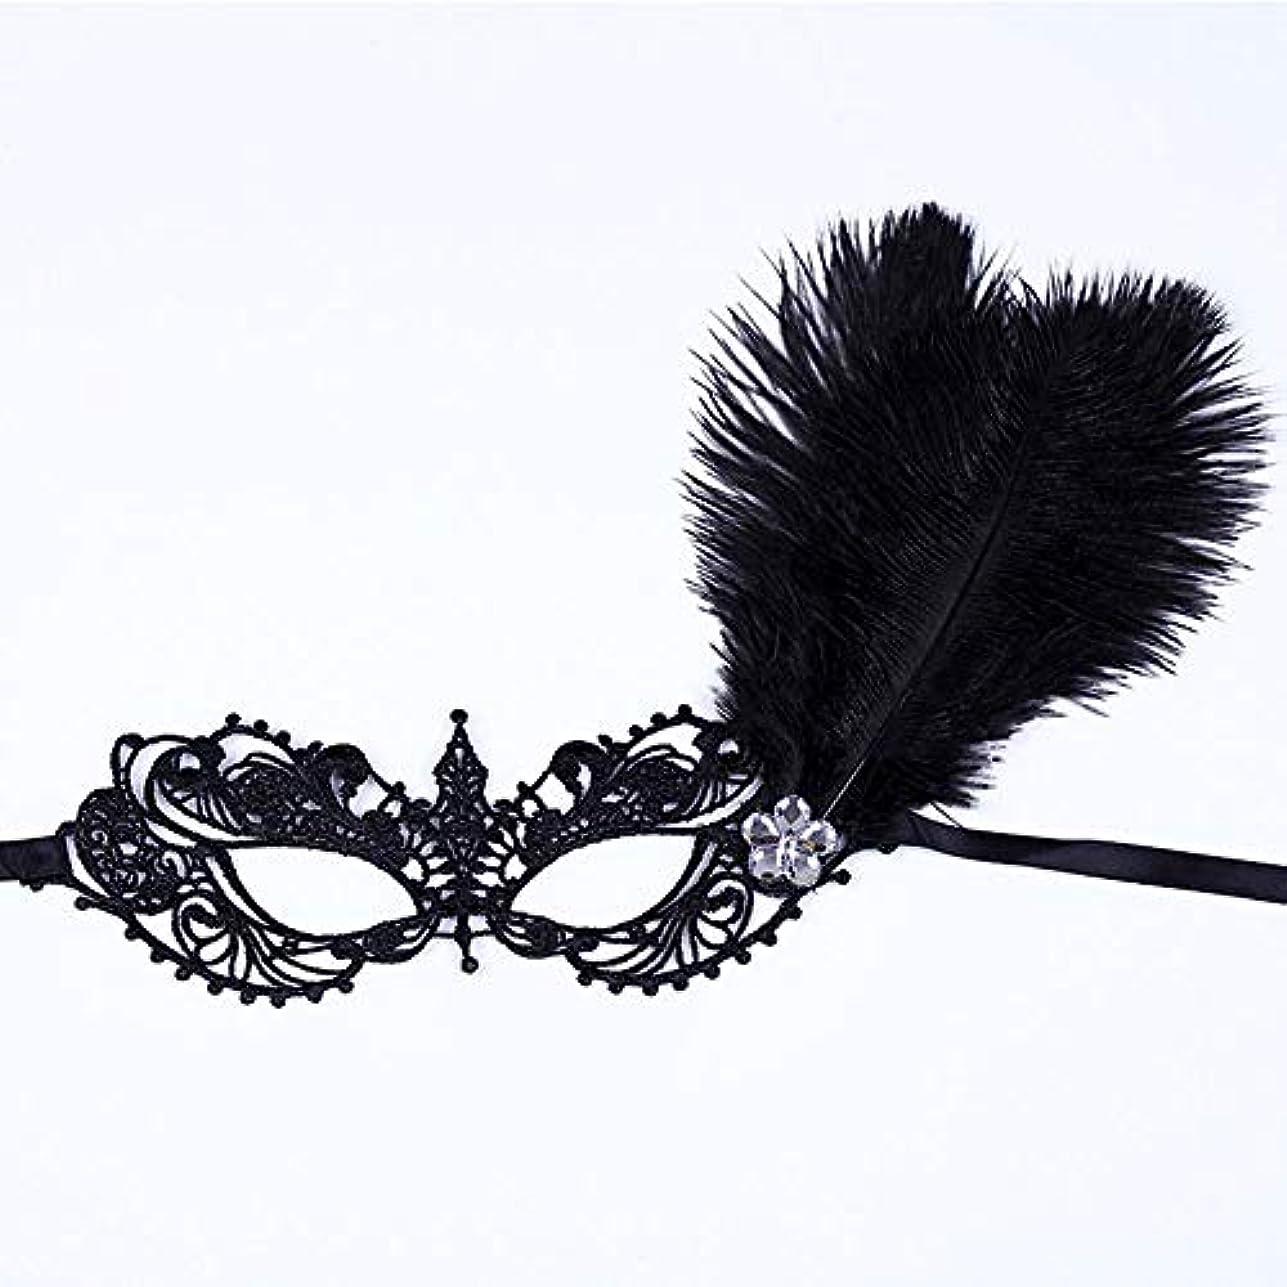 春その海外でハロウィンマスクマスク仮面舞踏会レースマスクキャットウォークパーティーセクシーマスクブラック